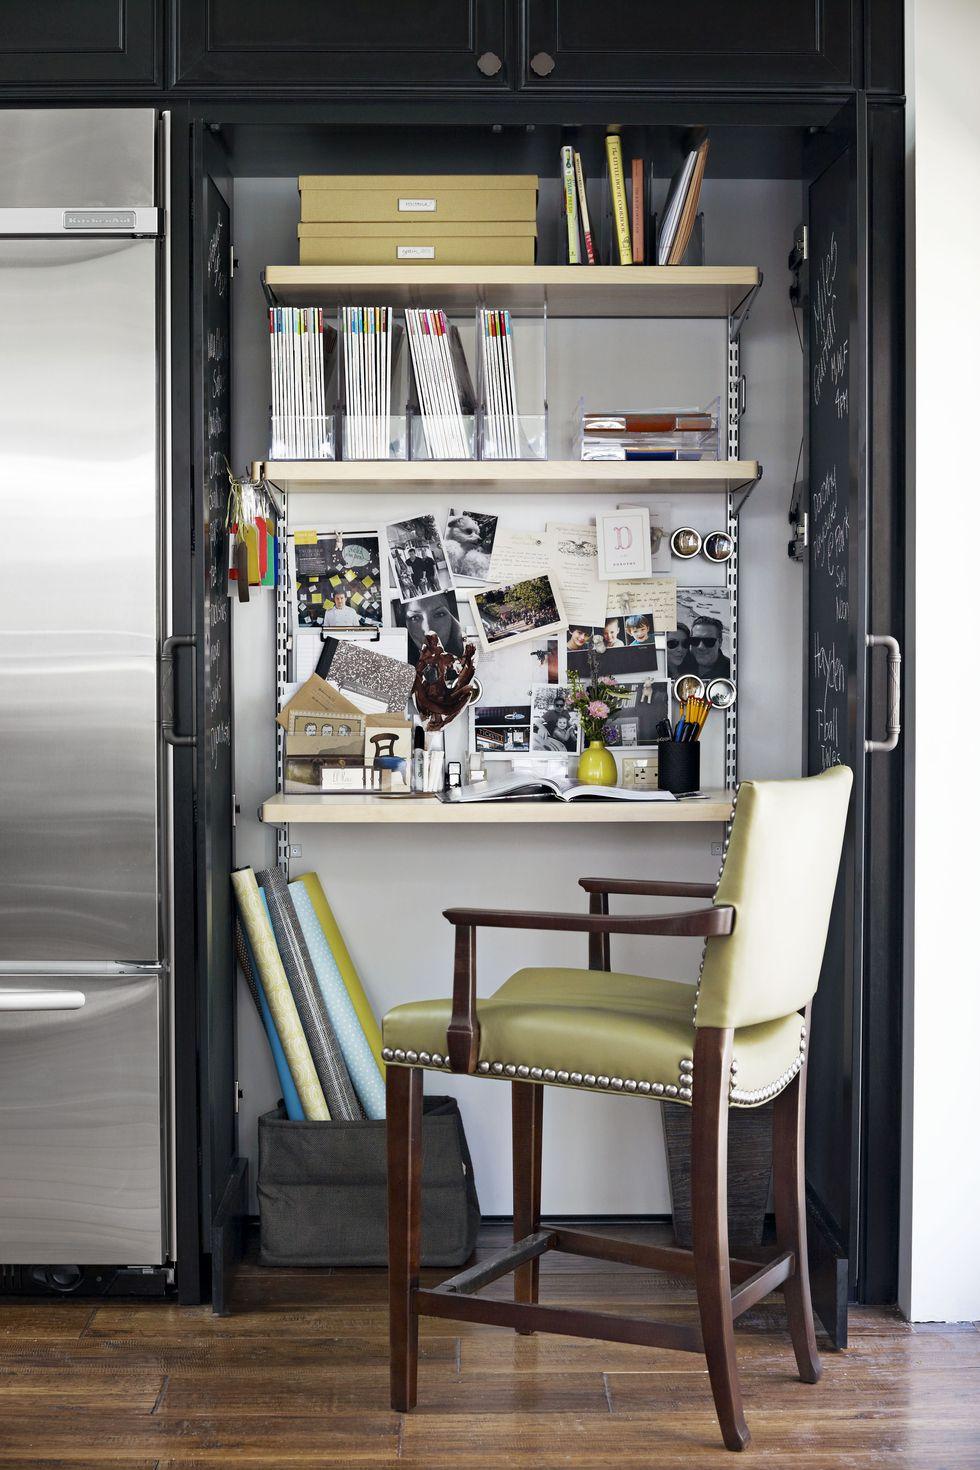 Phòng bếp đã được chuyển đổi này chứng minh rằng bạn có thể làm cho mọi không gian thân thiện với công việc bằng các công cụ tổ chức phù hợp. Nếu diện tích bề mặt của bạn đủ lớn, hãy sử dụng các khay trên bàn để xếp chồng lên nhau và giữ cho giấy tờ của bạn ngăn nắp. Nếu bạn không có chỗ trên bàn làm việc, hãy cố định một tấm bìa cót vào tường và tận dụng các bất động sản thẳng đứng.